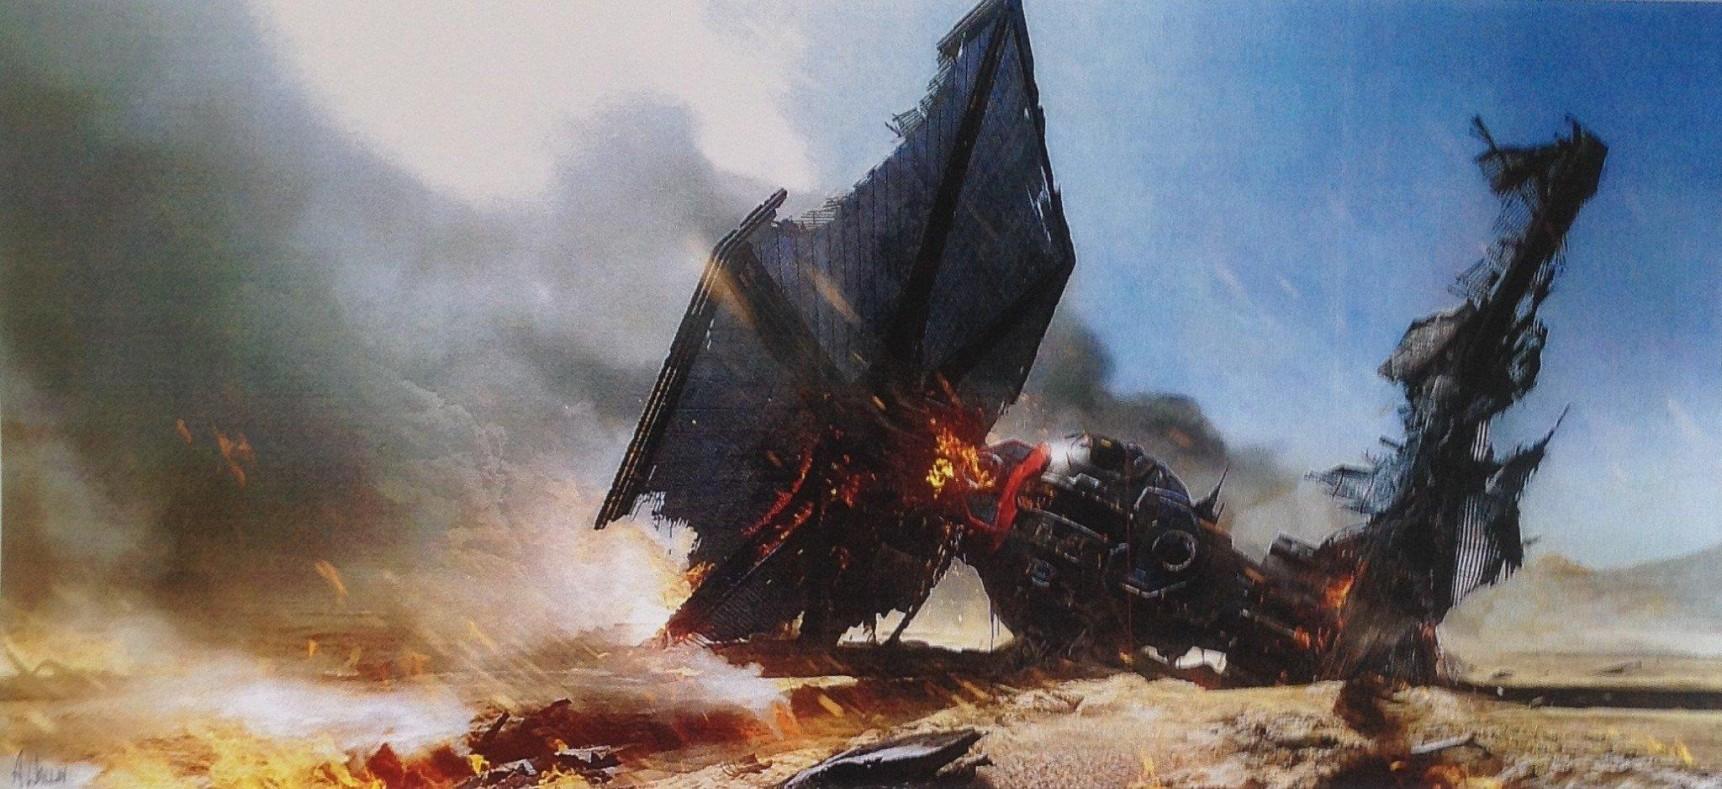 Concept art for Star Wars Episode VII leaked